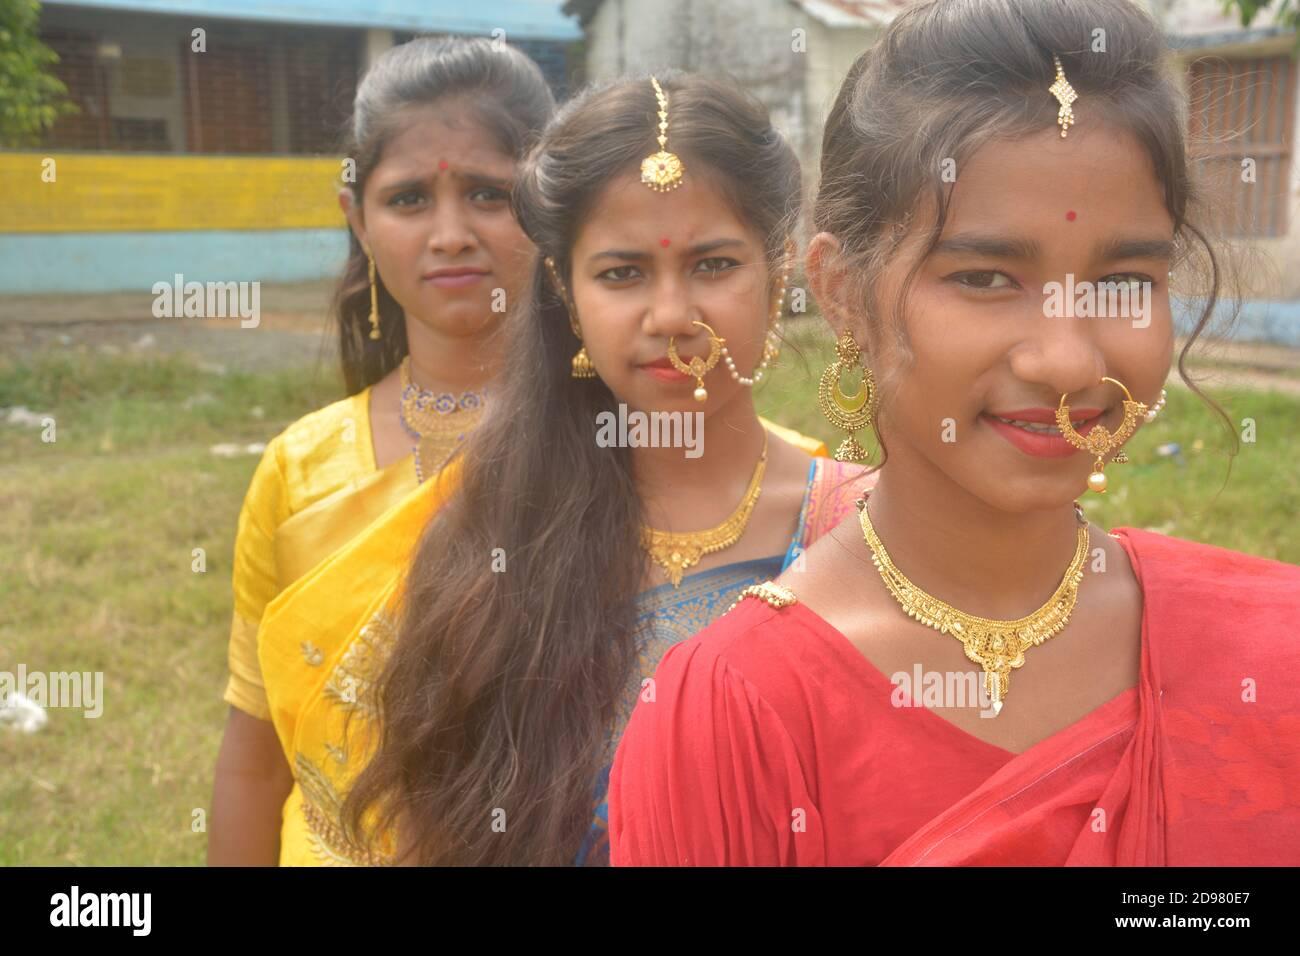 Primer plano de tres adolescentes indias con sari oro nariz anillo maang tikka collar pendientes con Maquillo, enfoque selectivo Foto de stock